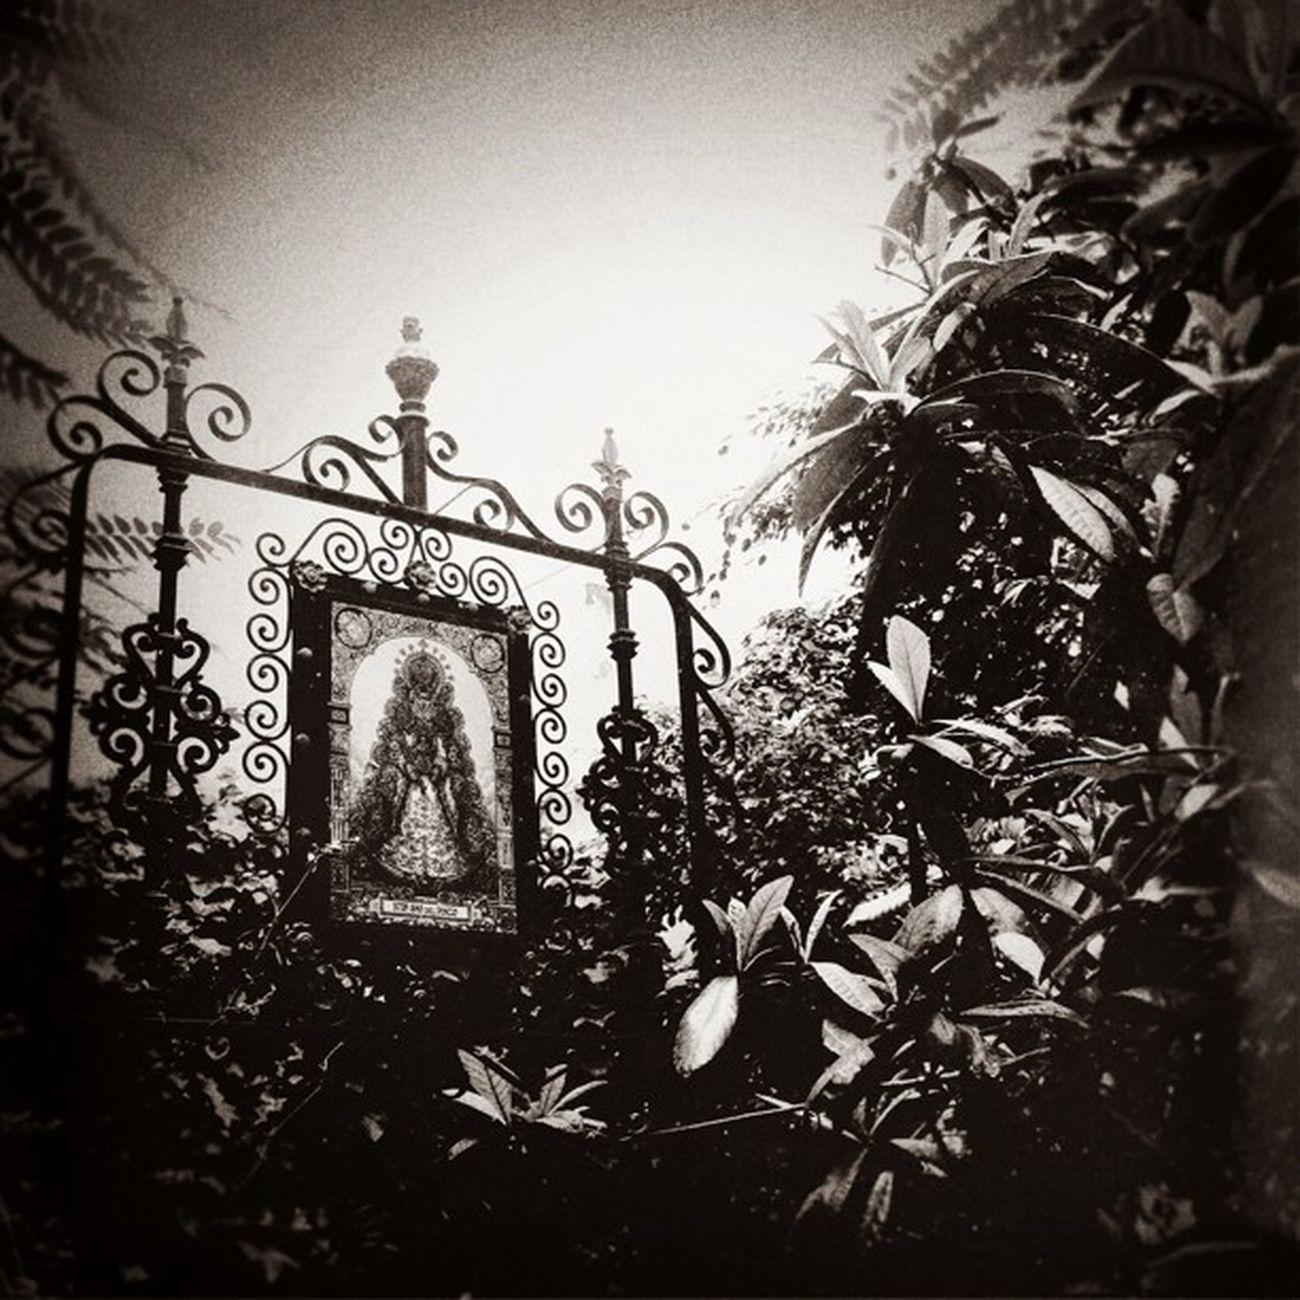 Patio en #triana, #callejeando por #sevilla Sevilla Callejeando Triana Sevillania